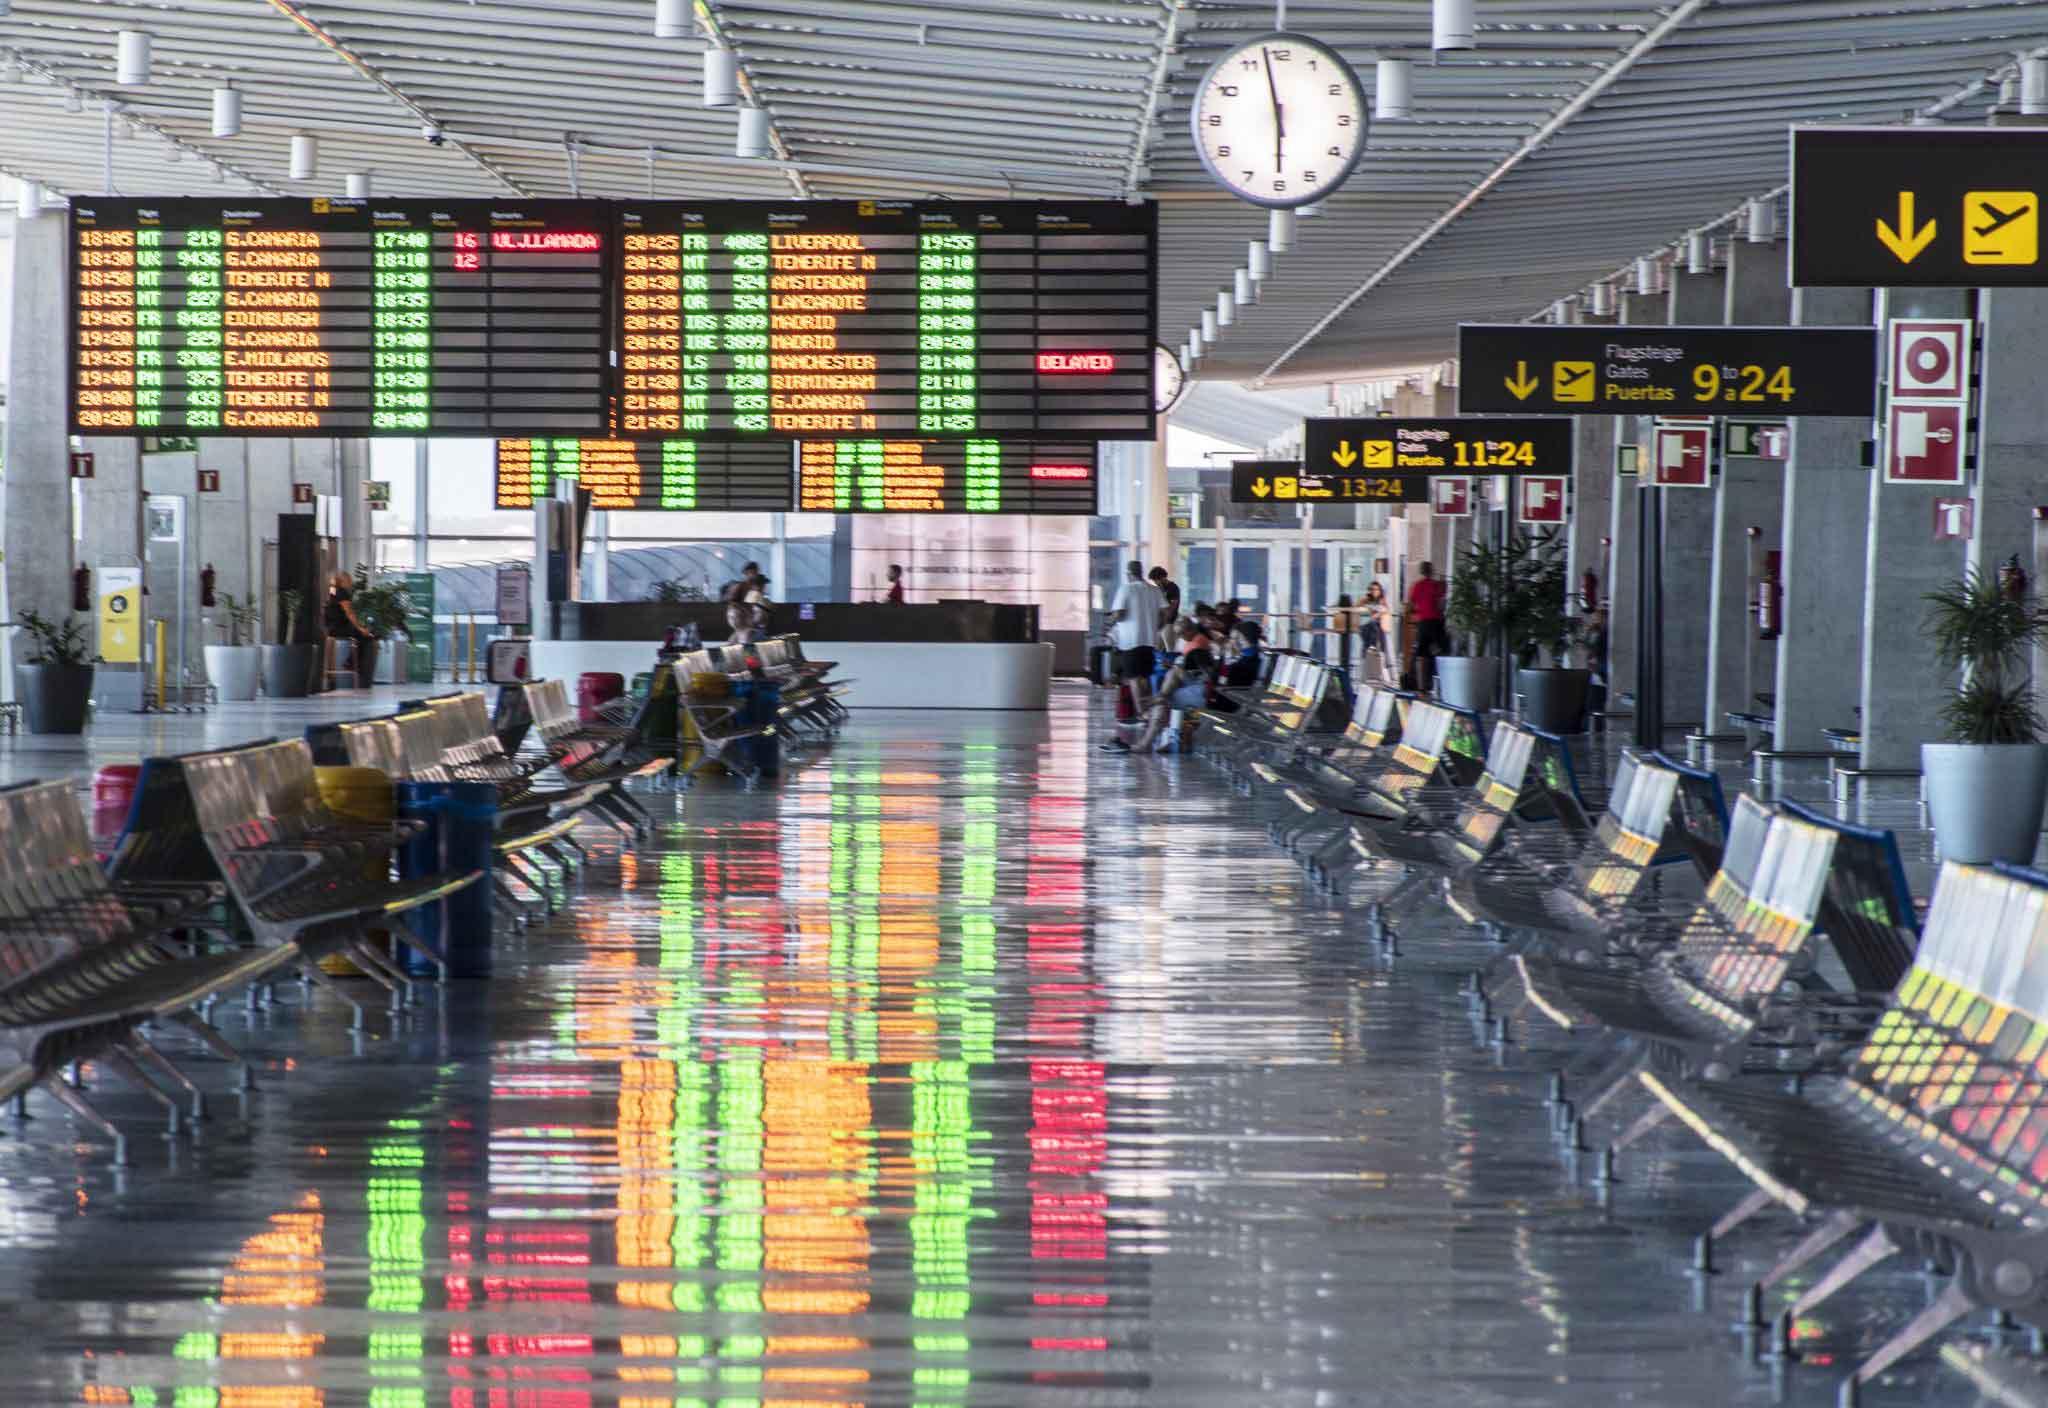 El aeropuerto de Fuerteventura pierde el pasado mes más de 60.000 pasajeros con respecto a Octubre del 18